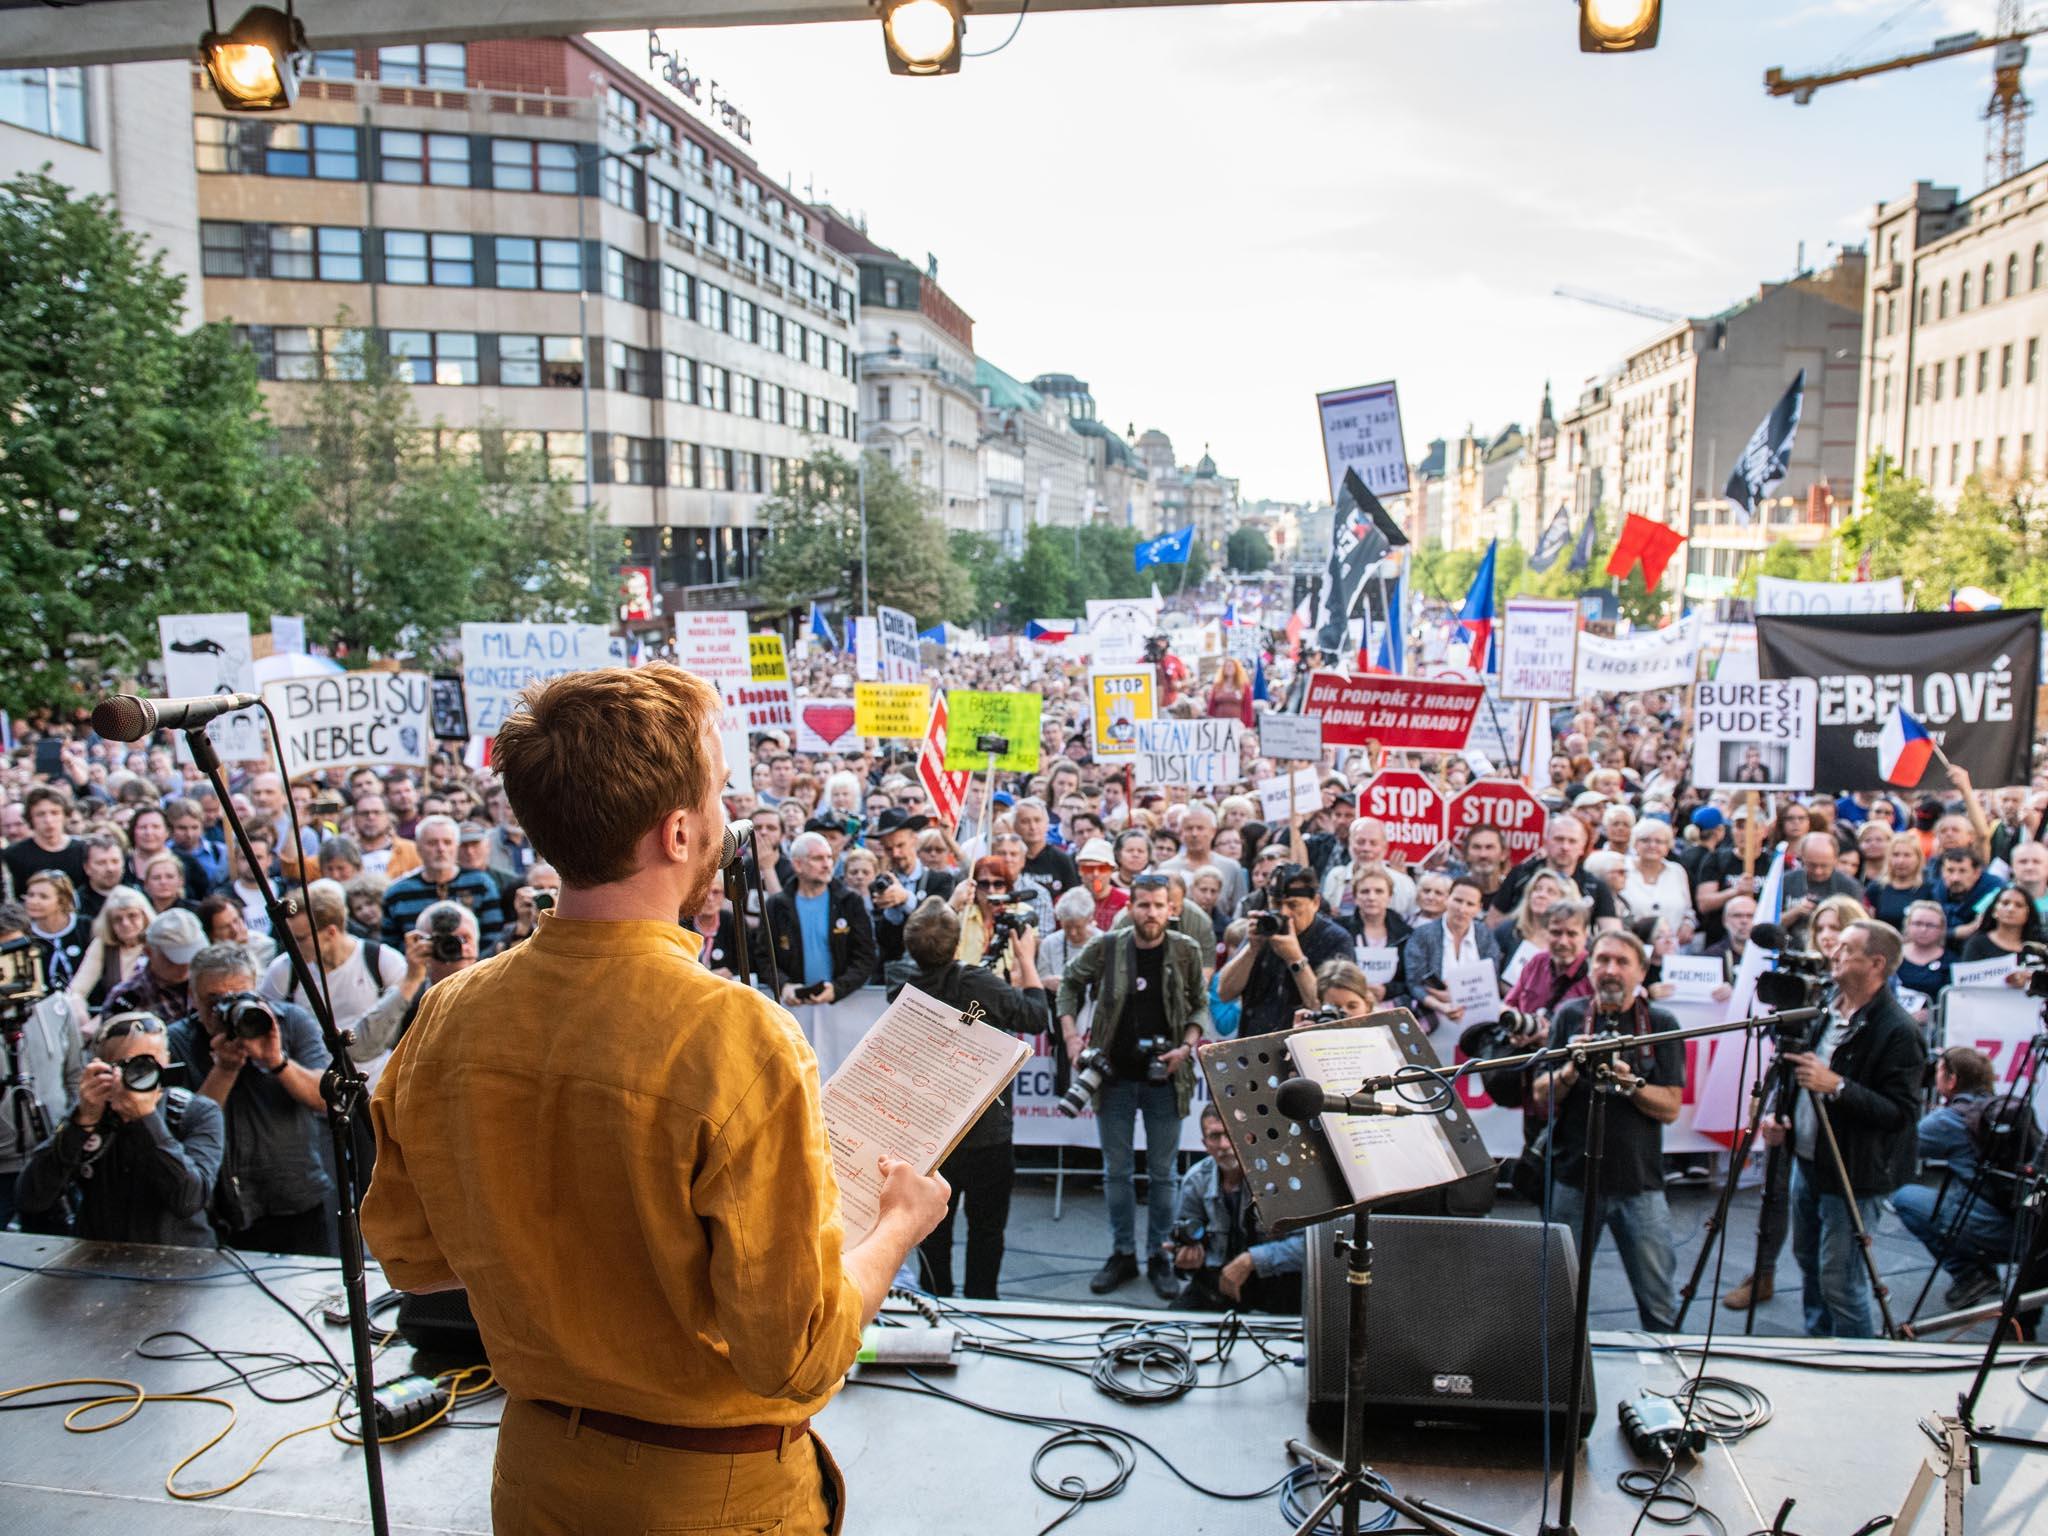 Mikuláš Minář z Milionu chvilek pro demokracii hovoří k zástupům. Václavské náměstí v Praze, 21. května.